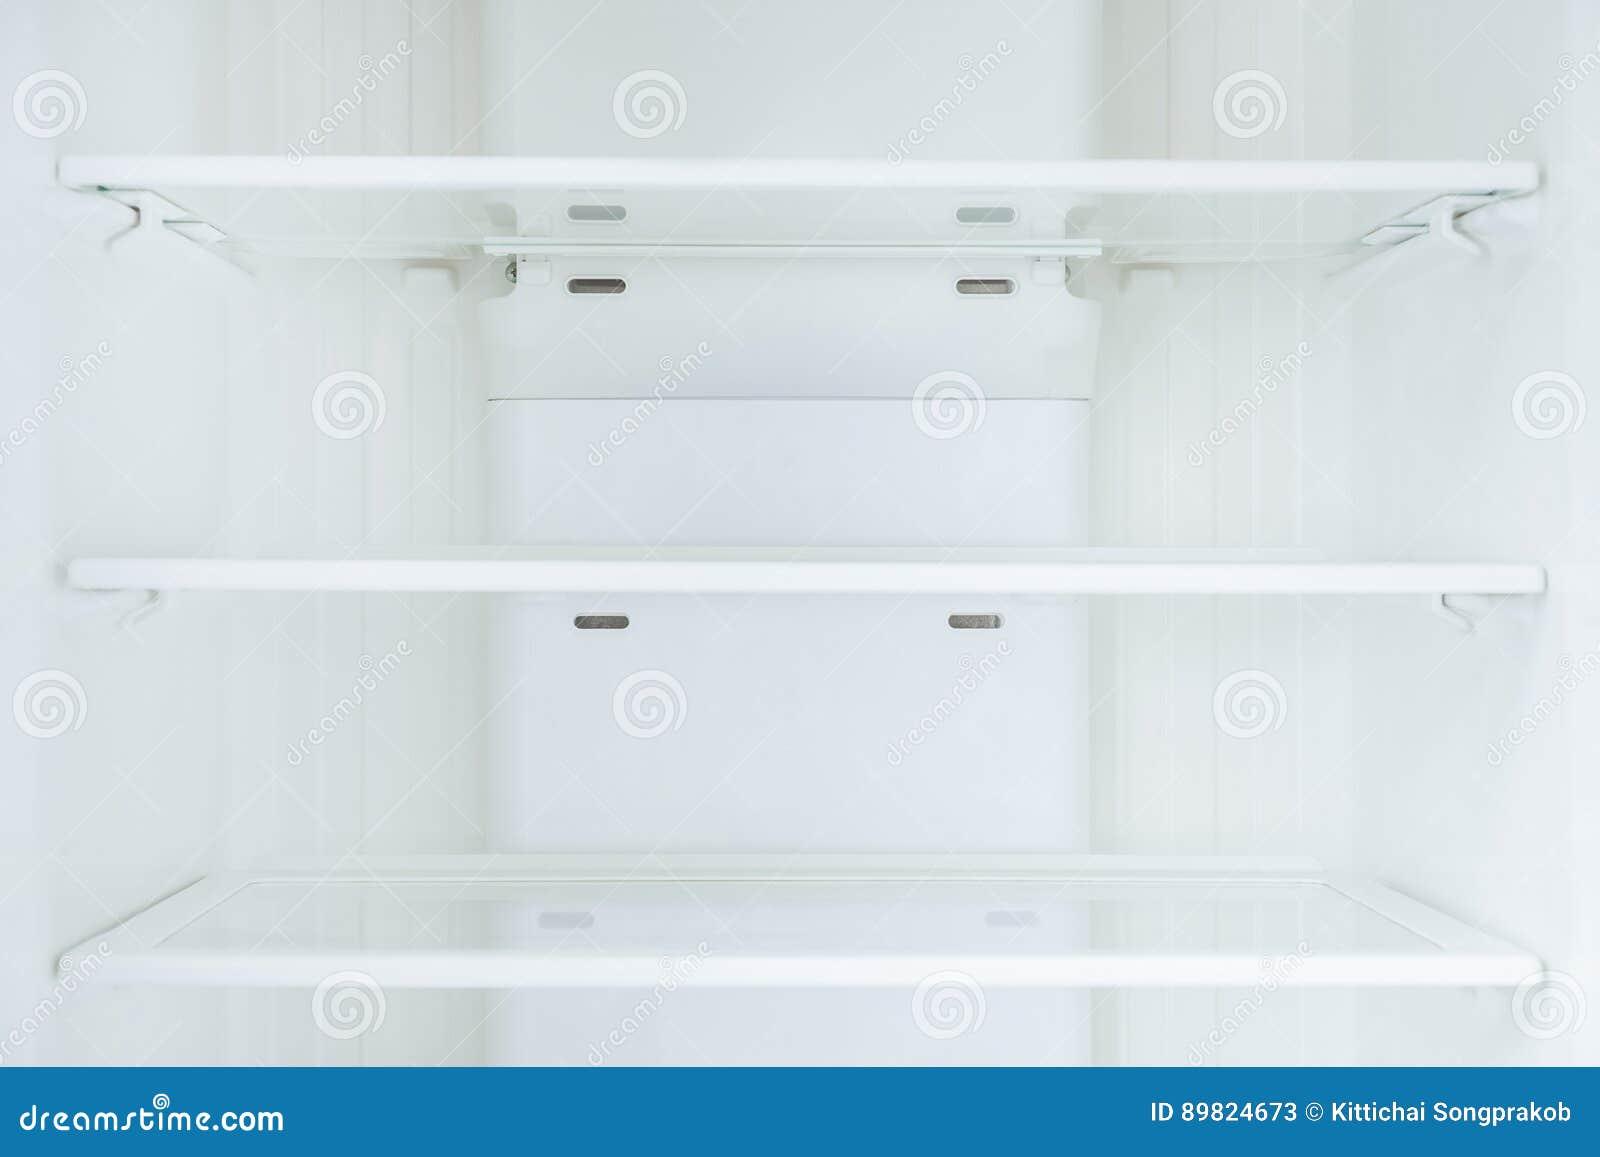 Kühlschrank Regal : Leere regale im kühlschrank stockbild bild von essen regale